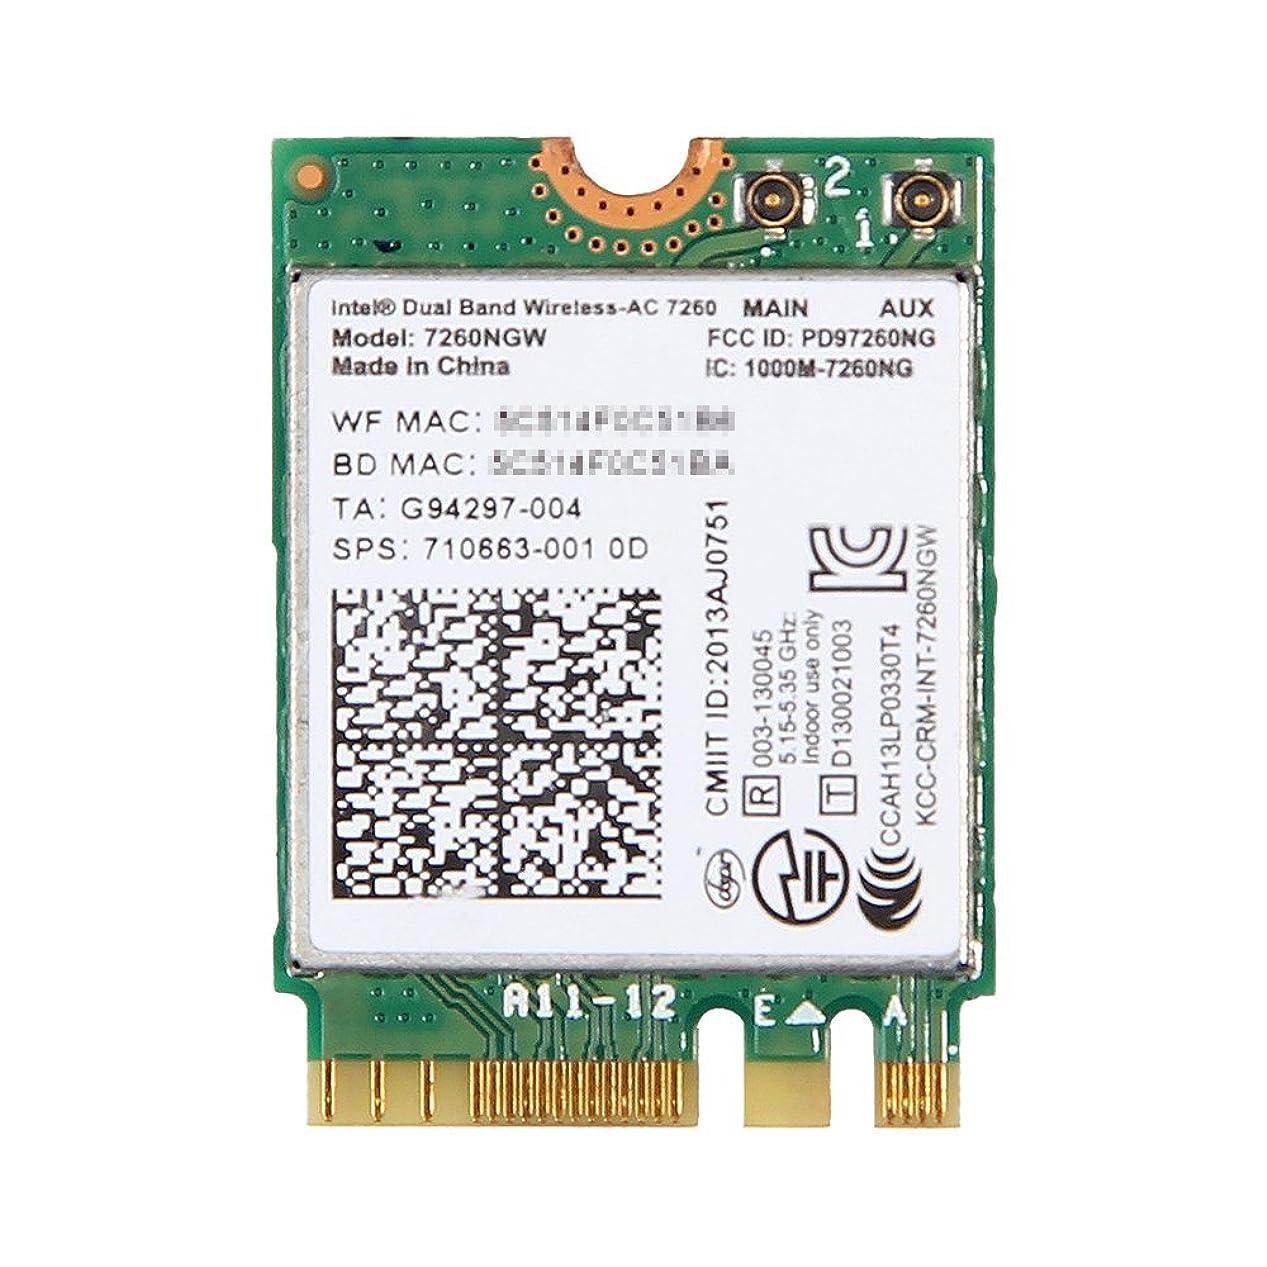 スパイ収縮アセHP純正 710663-001 Intel Dual Band Wireless-AC 7260 867Mbps 802.11ac + Bluetooth 4.0 M.2 無線LANカード 7260NGW for HP